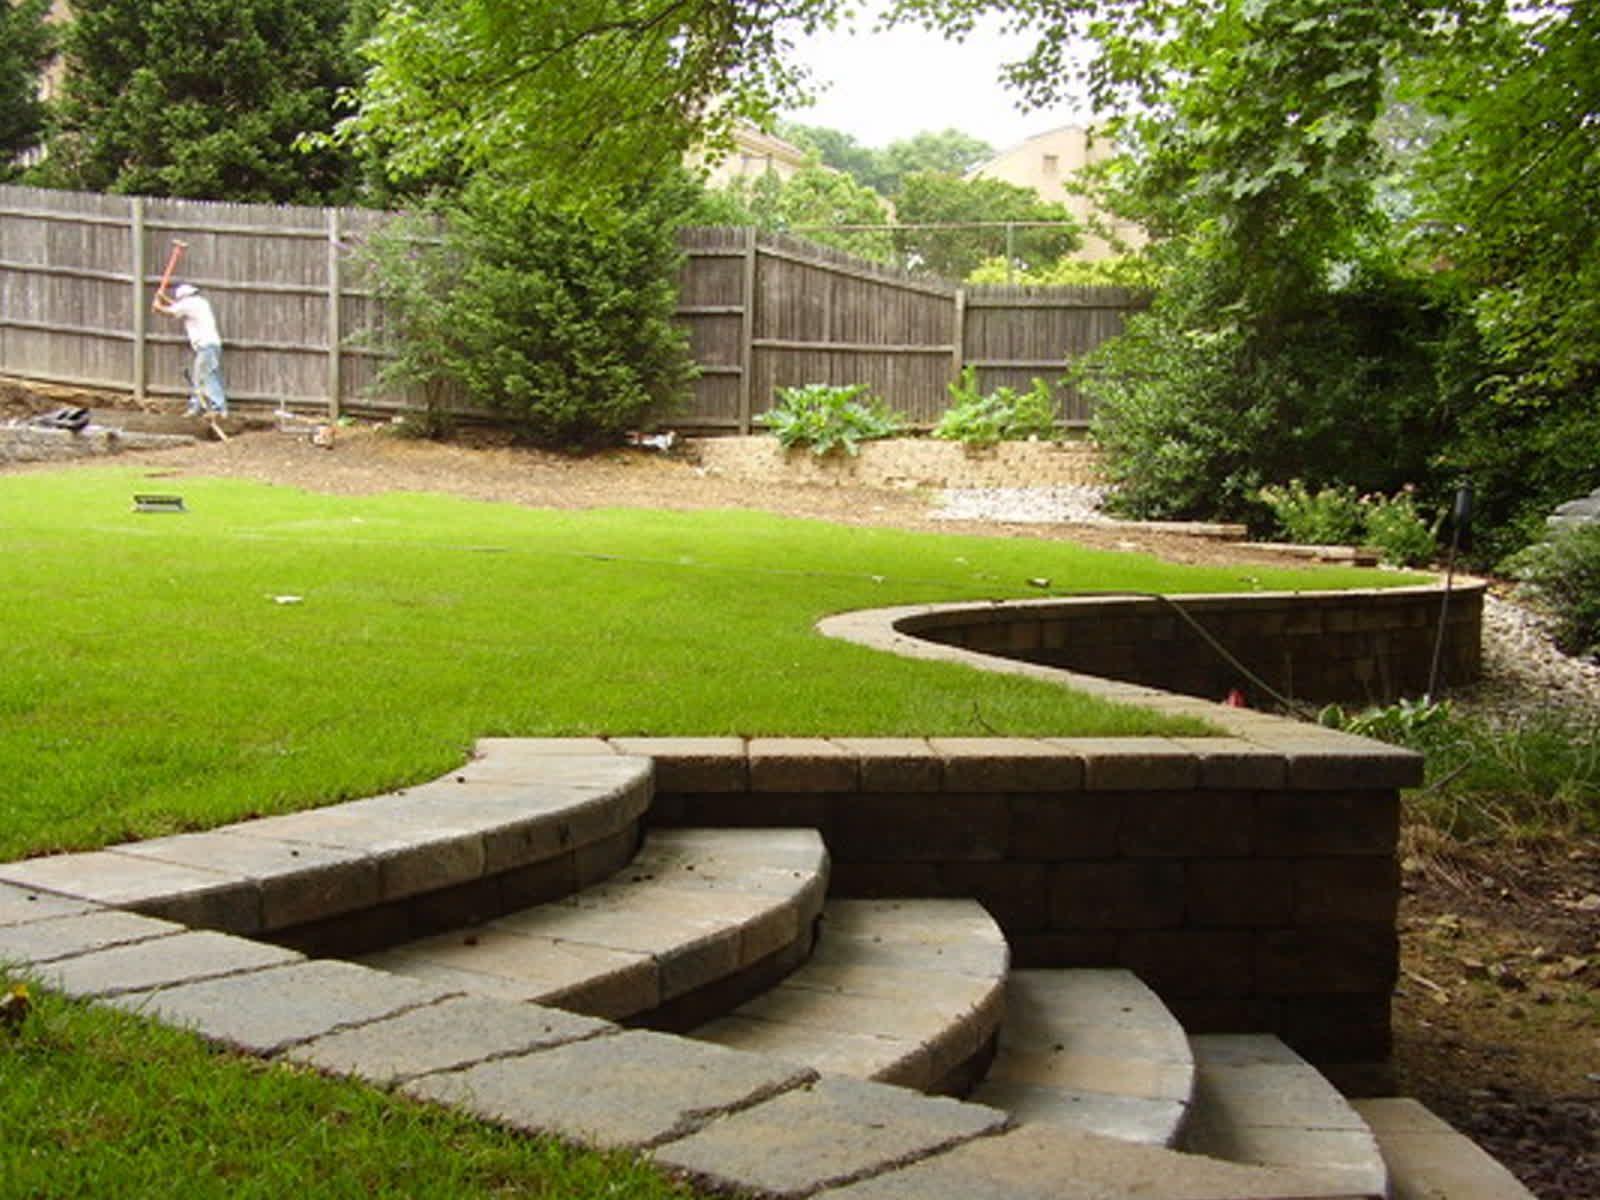 innovative retaining wall ideas for sloped backyard ...